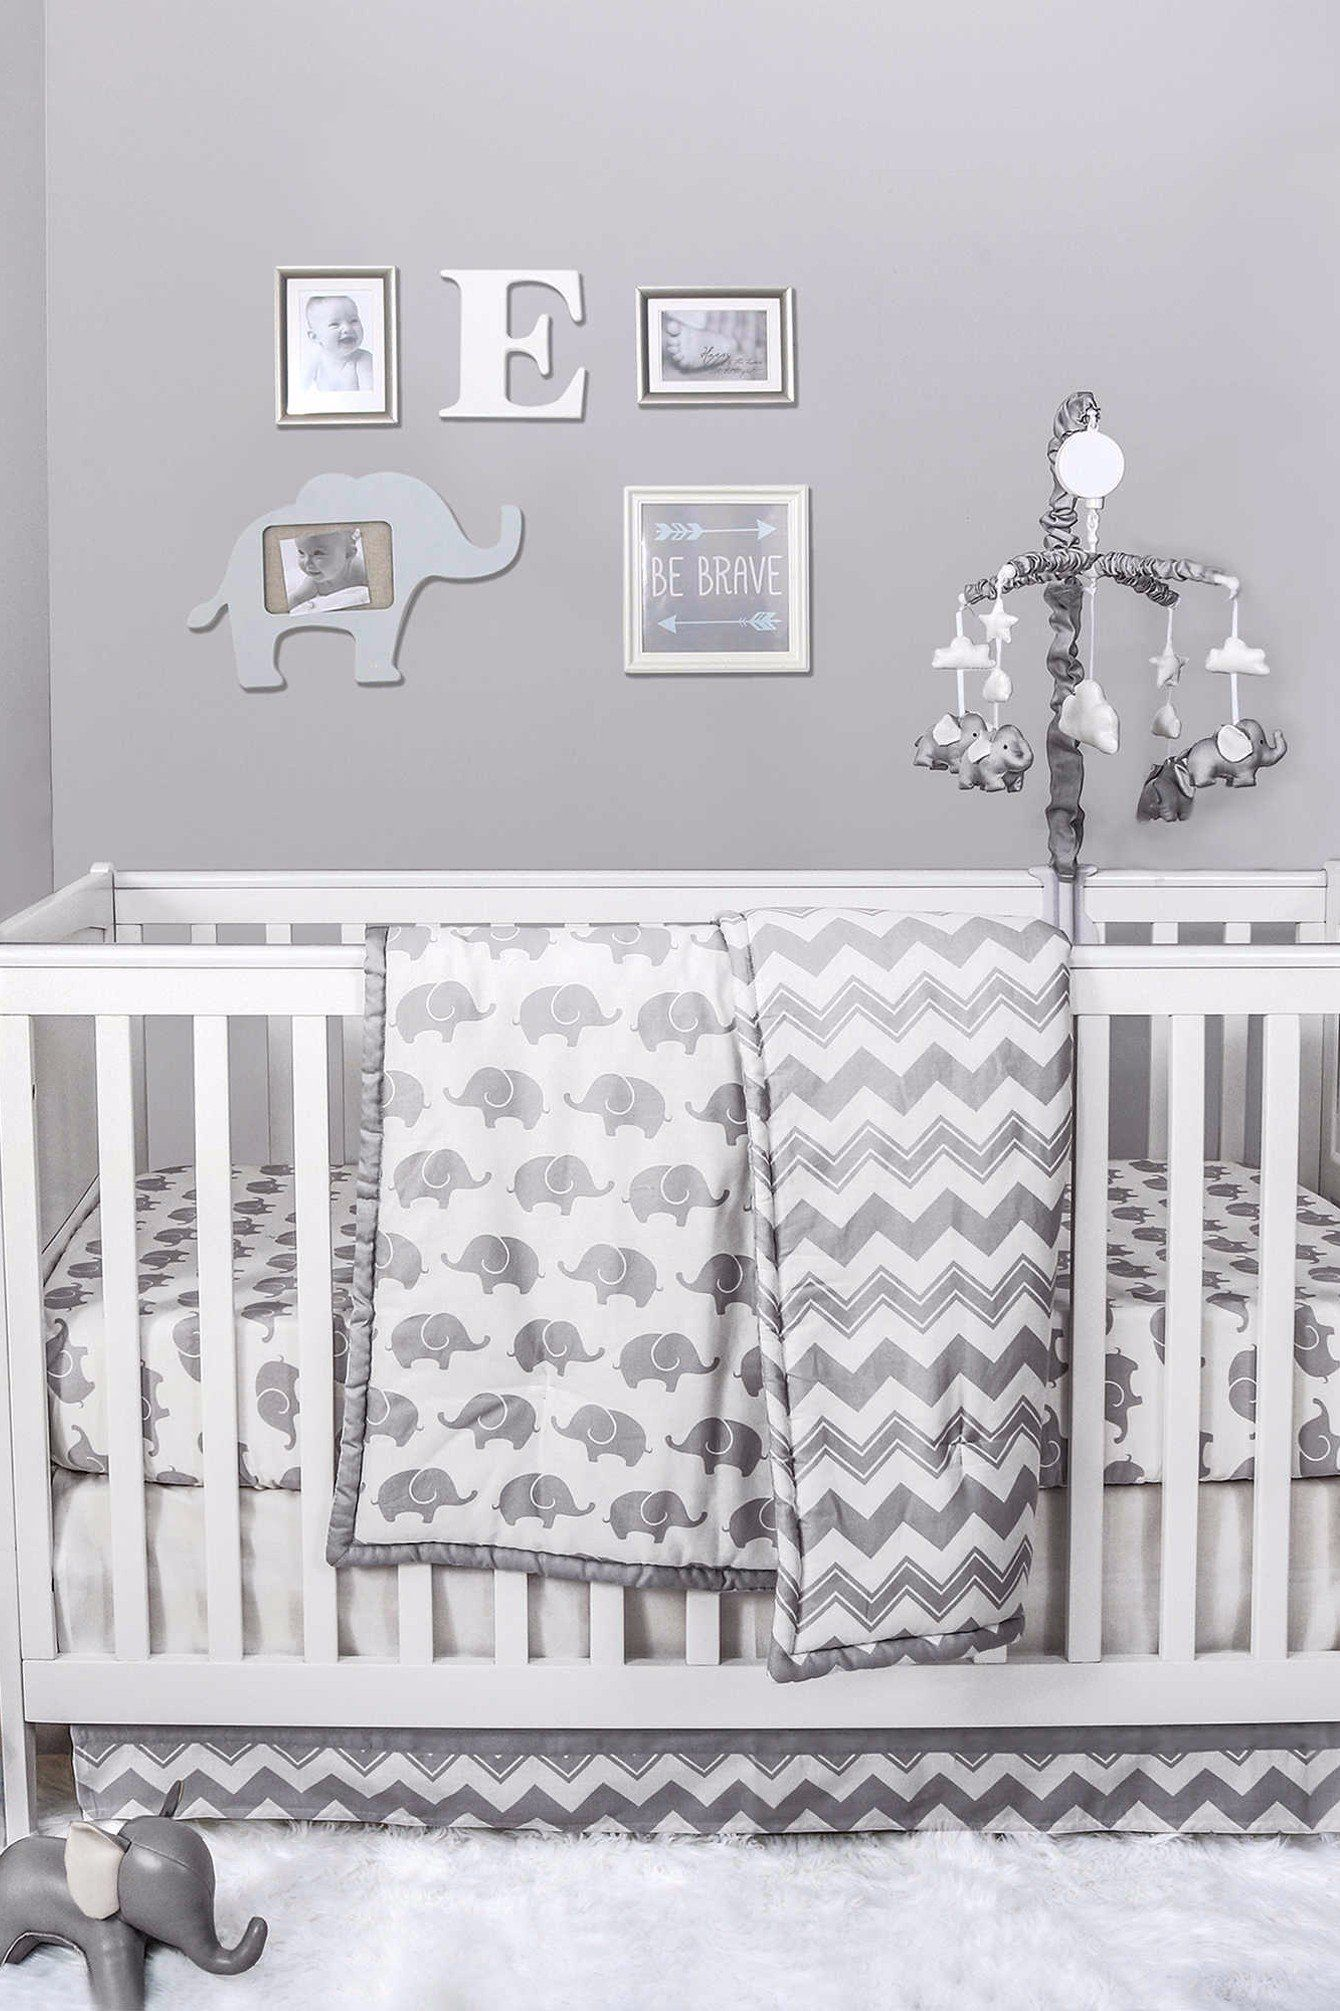 50 Adorable Decor Items For An Elephant Themed Nursery Nursery